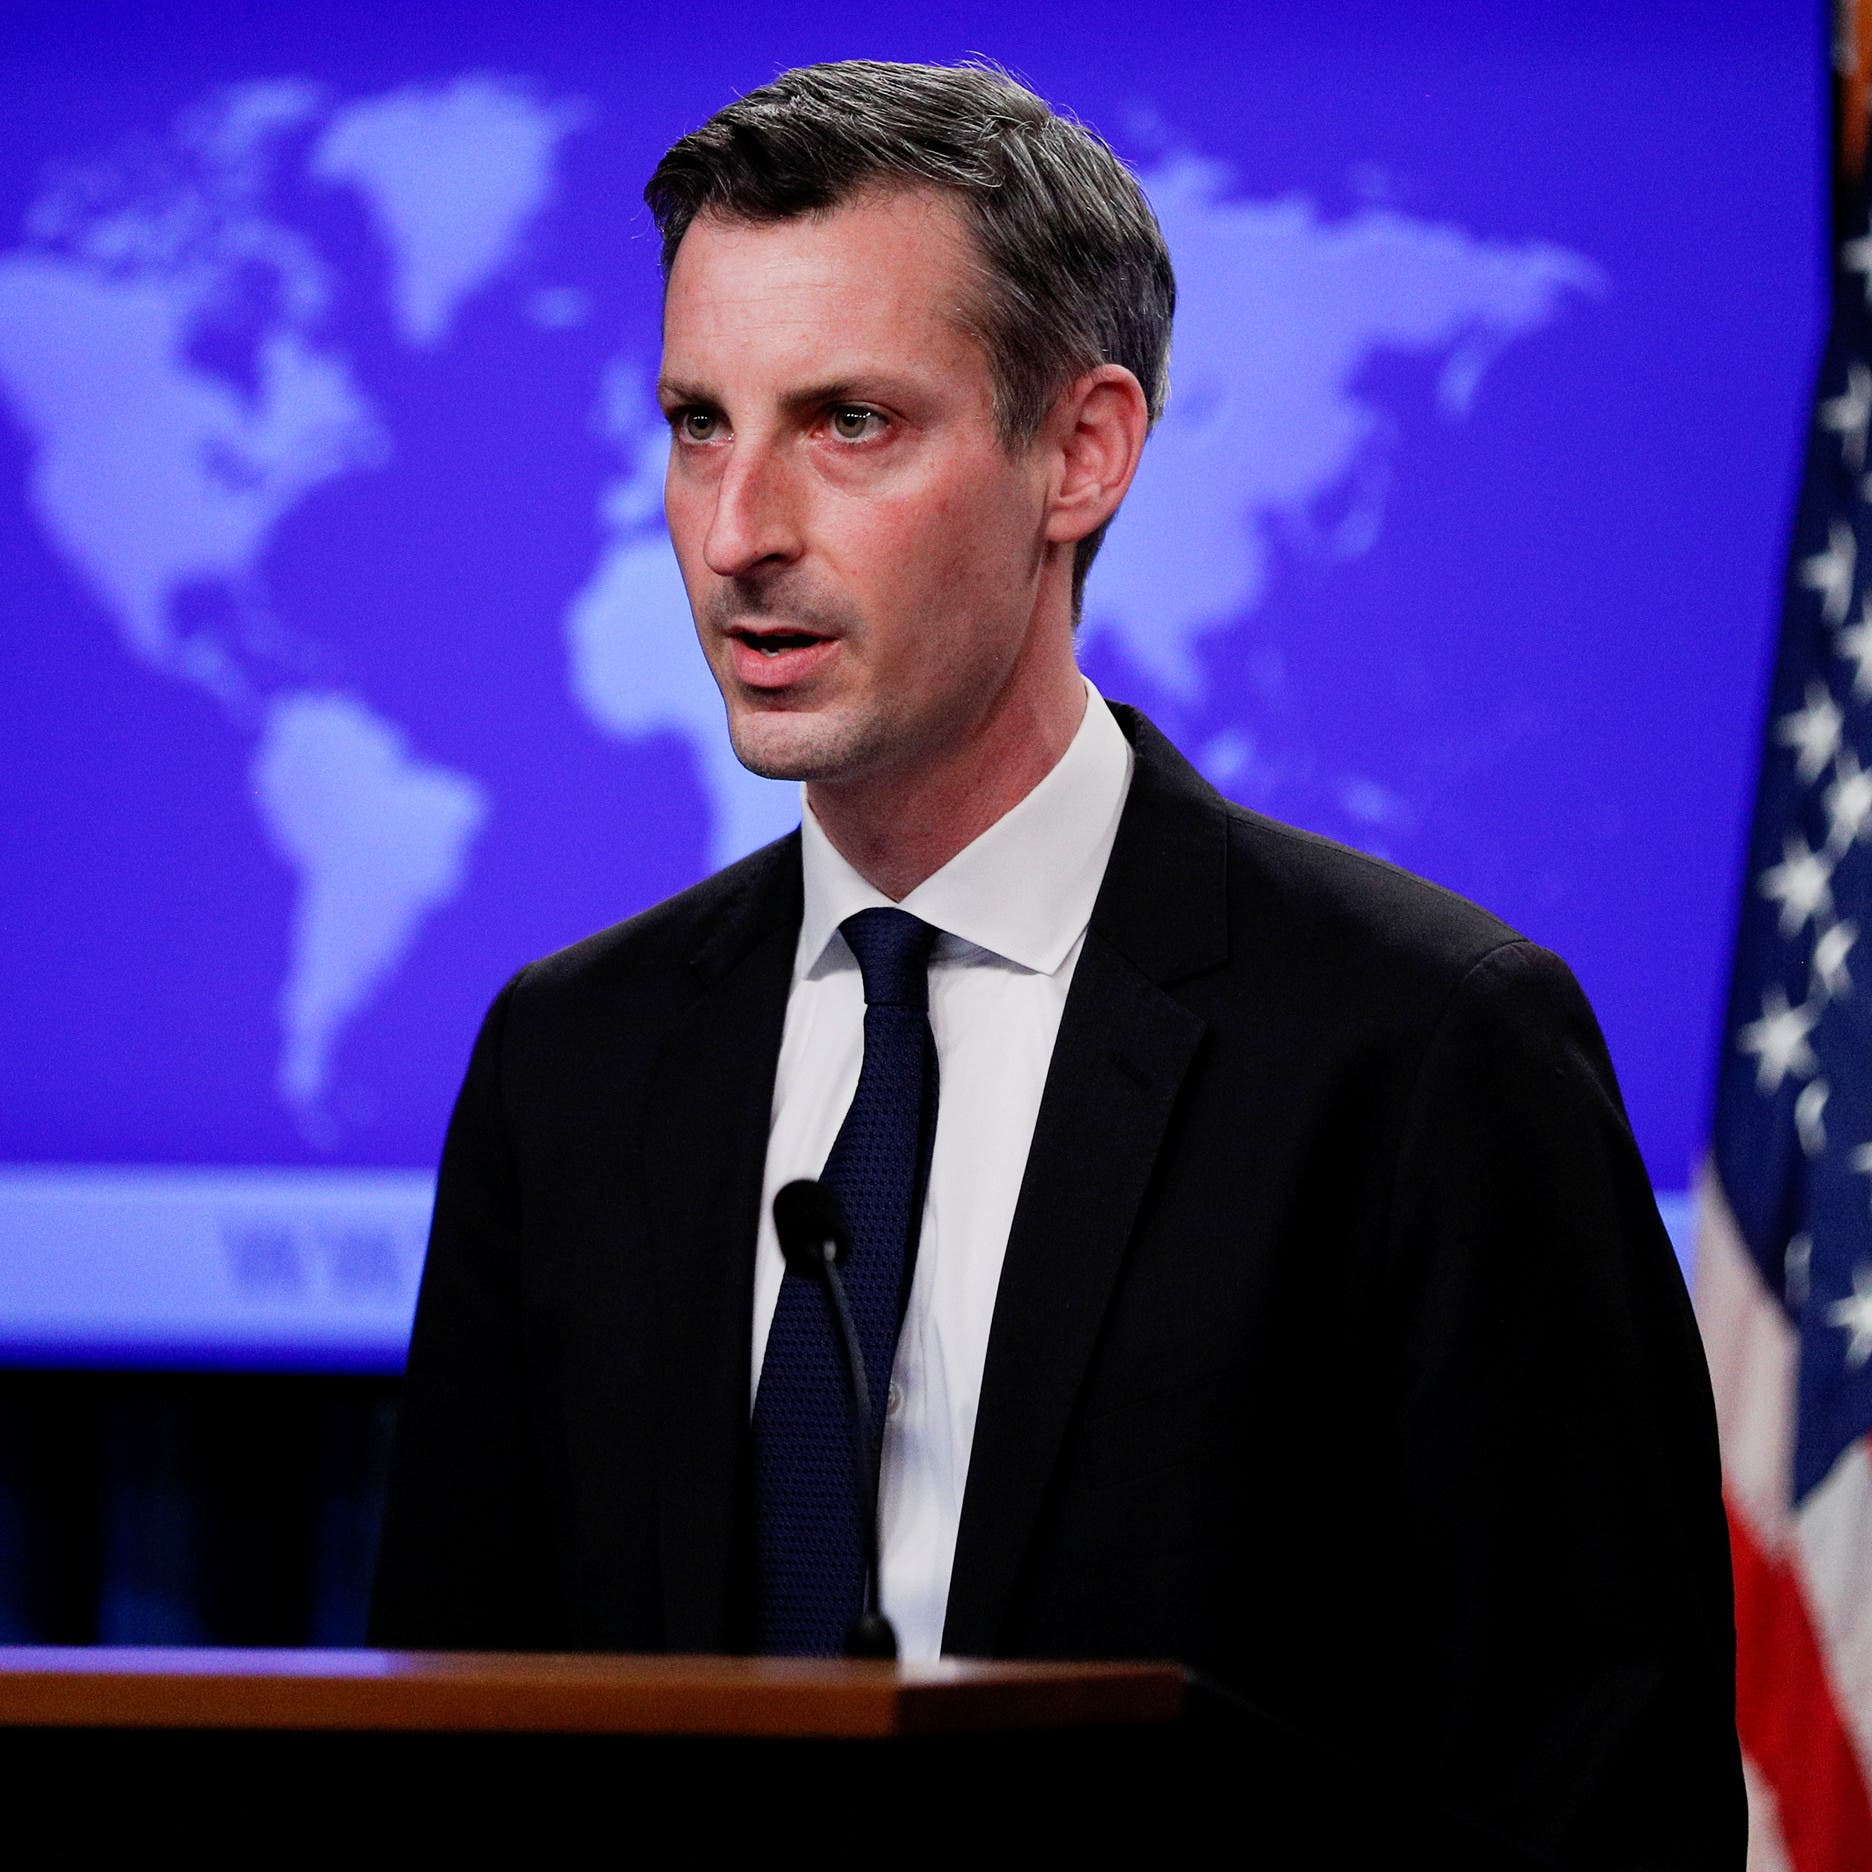 أميركا: السعودية شريك أساسي وتعاوننا استراتيجي